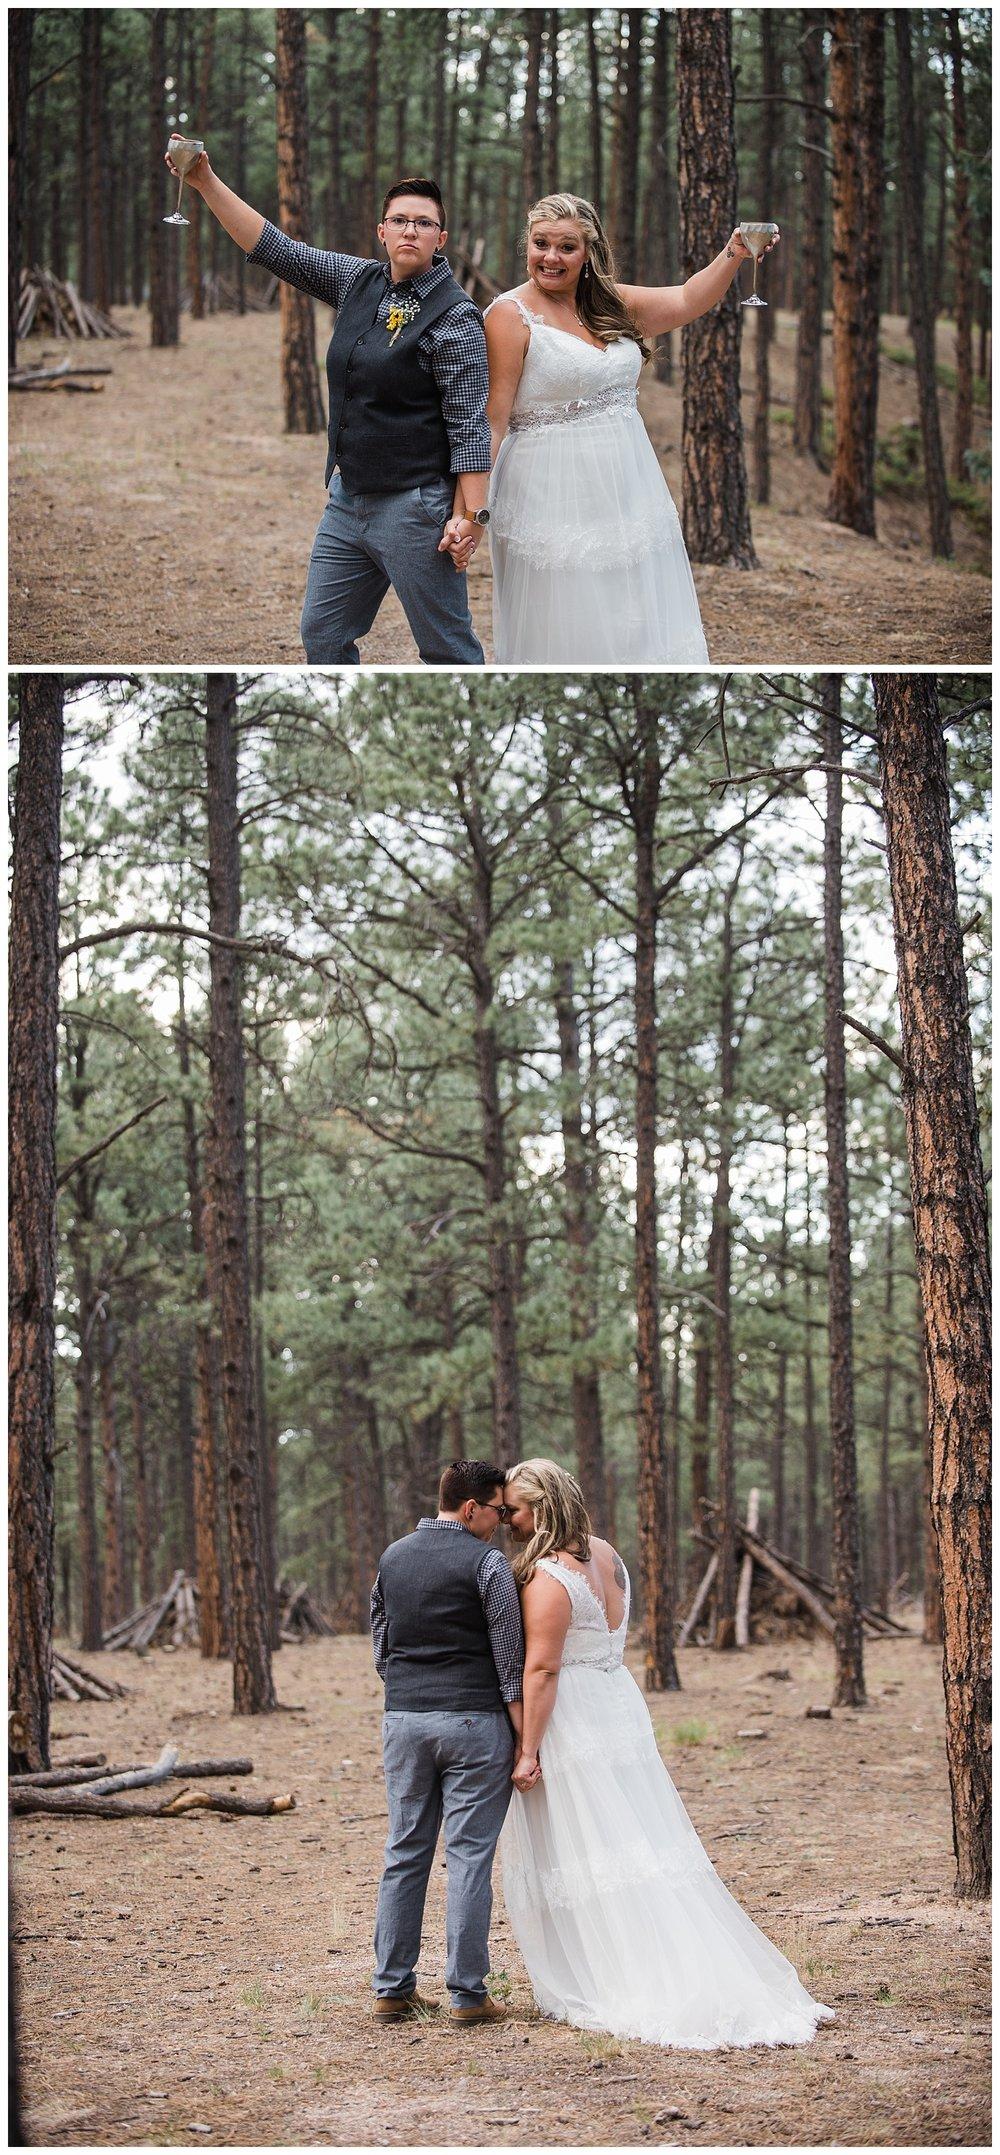 La_Floret_Wedding_Venue_CO_Springs_Colorado_Weddings_Apollo_Fields_028.jpg